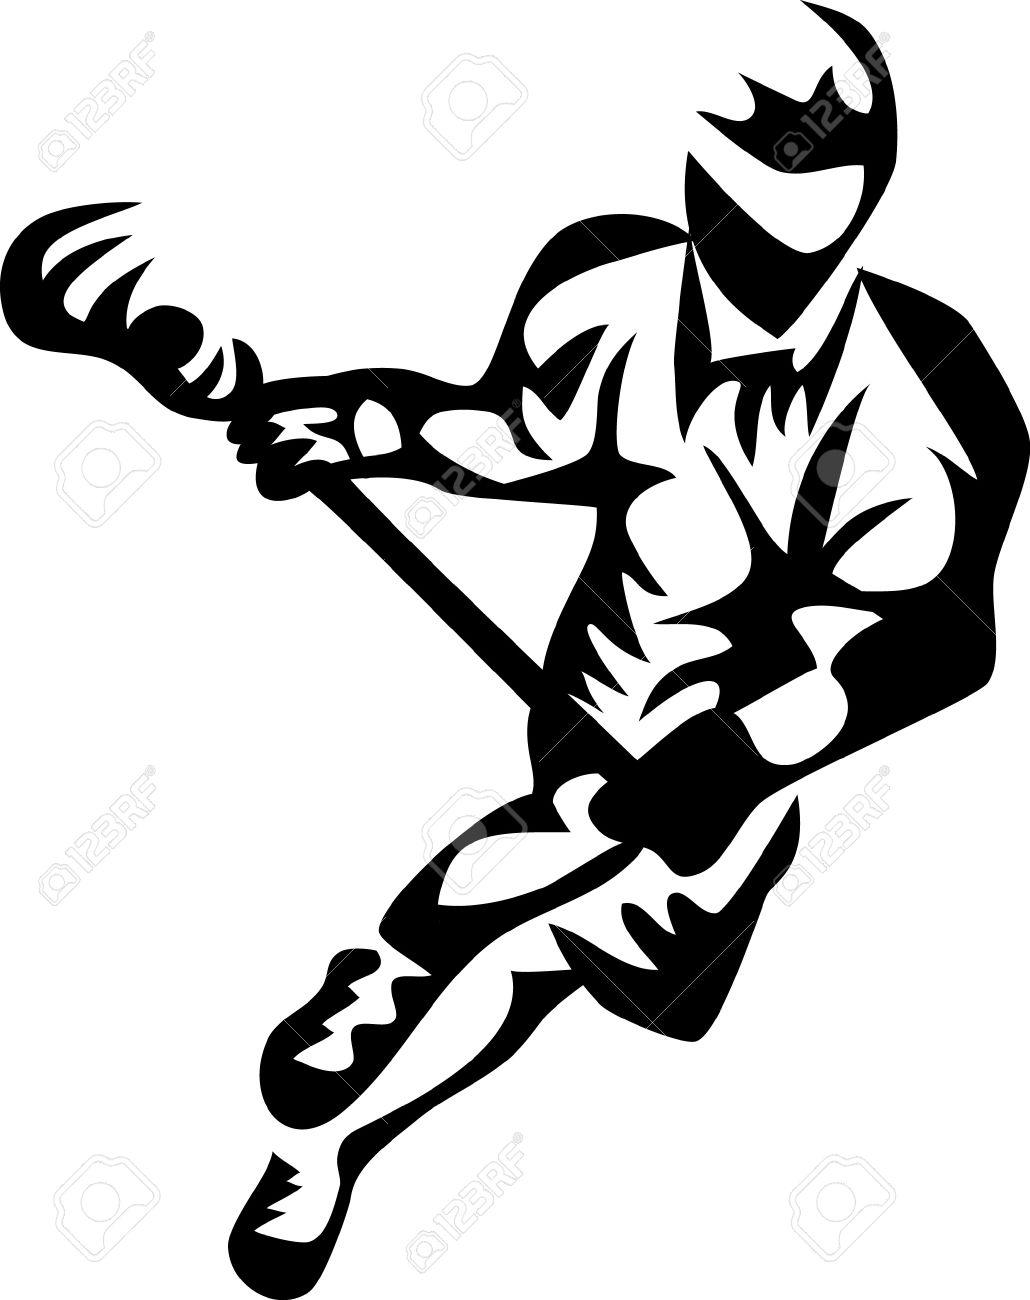 Lacrosse Sticks Clipart